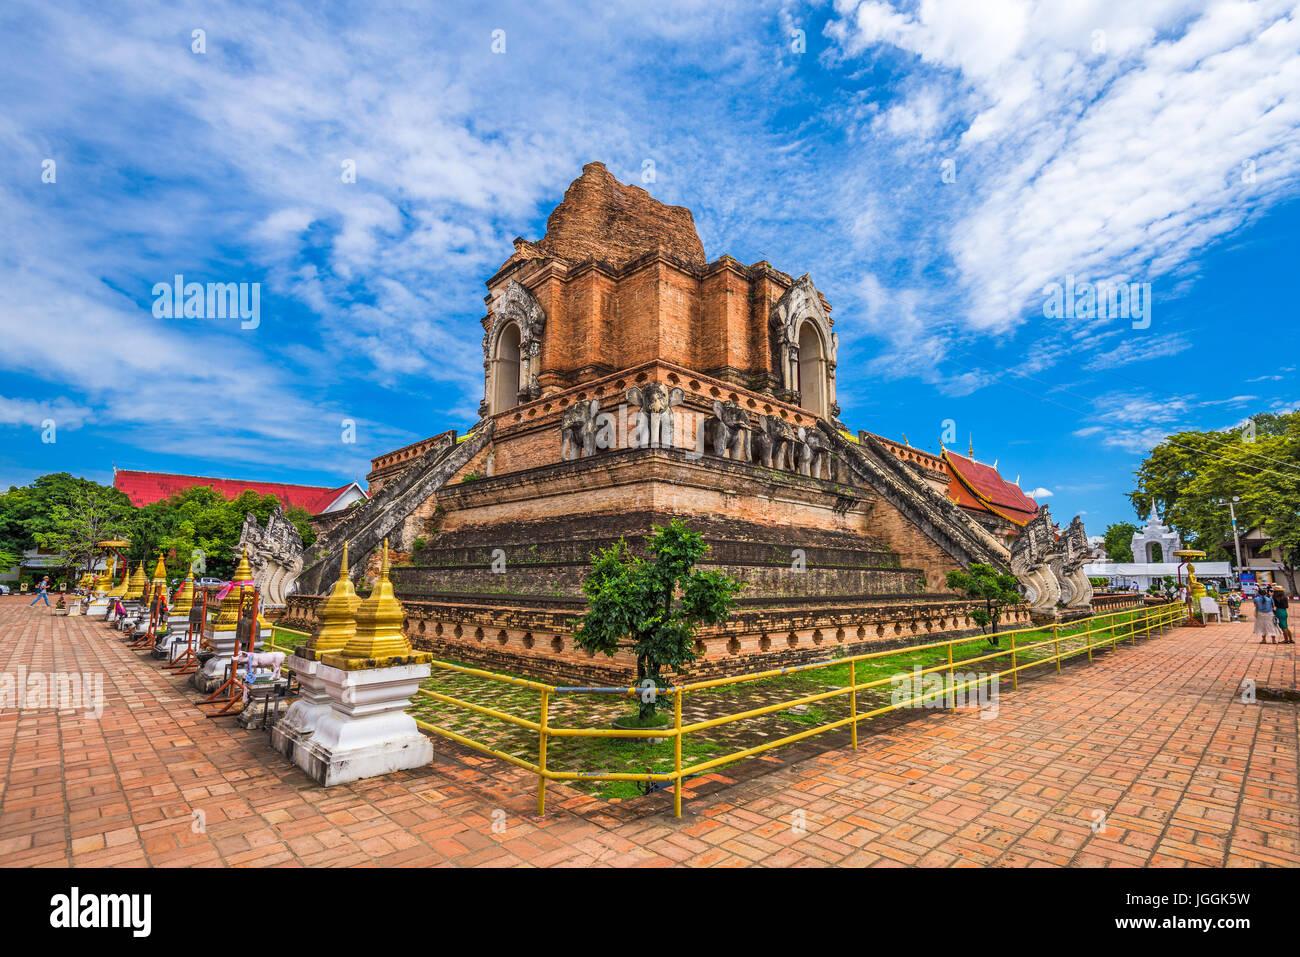 Chiang Mai, Thailand at Wat Chedi Laung. - Stock Image